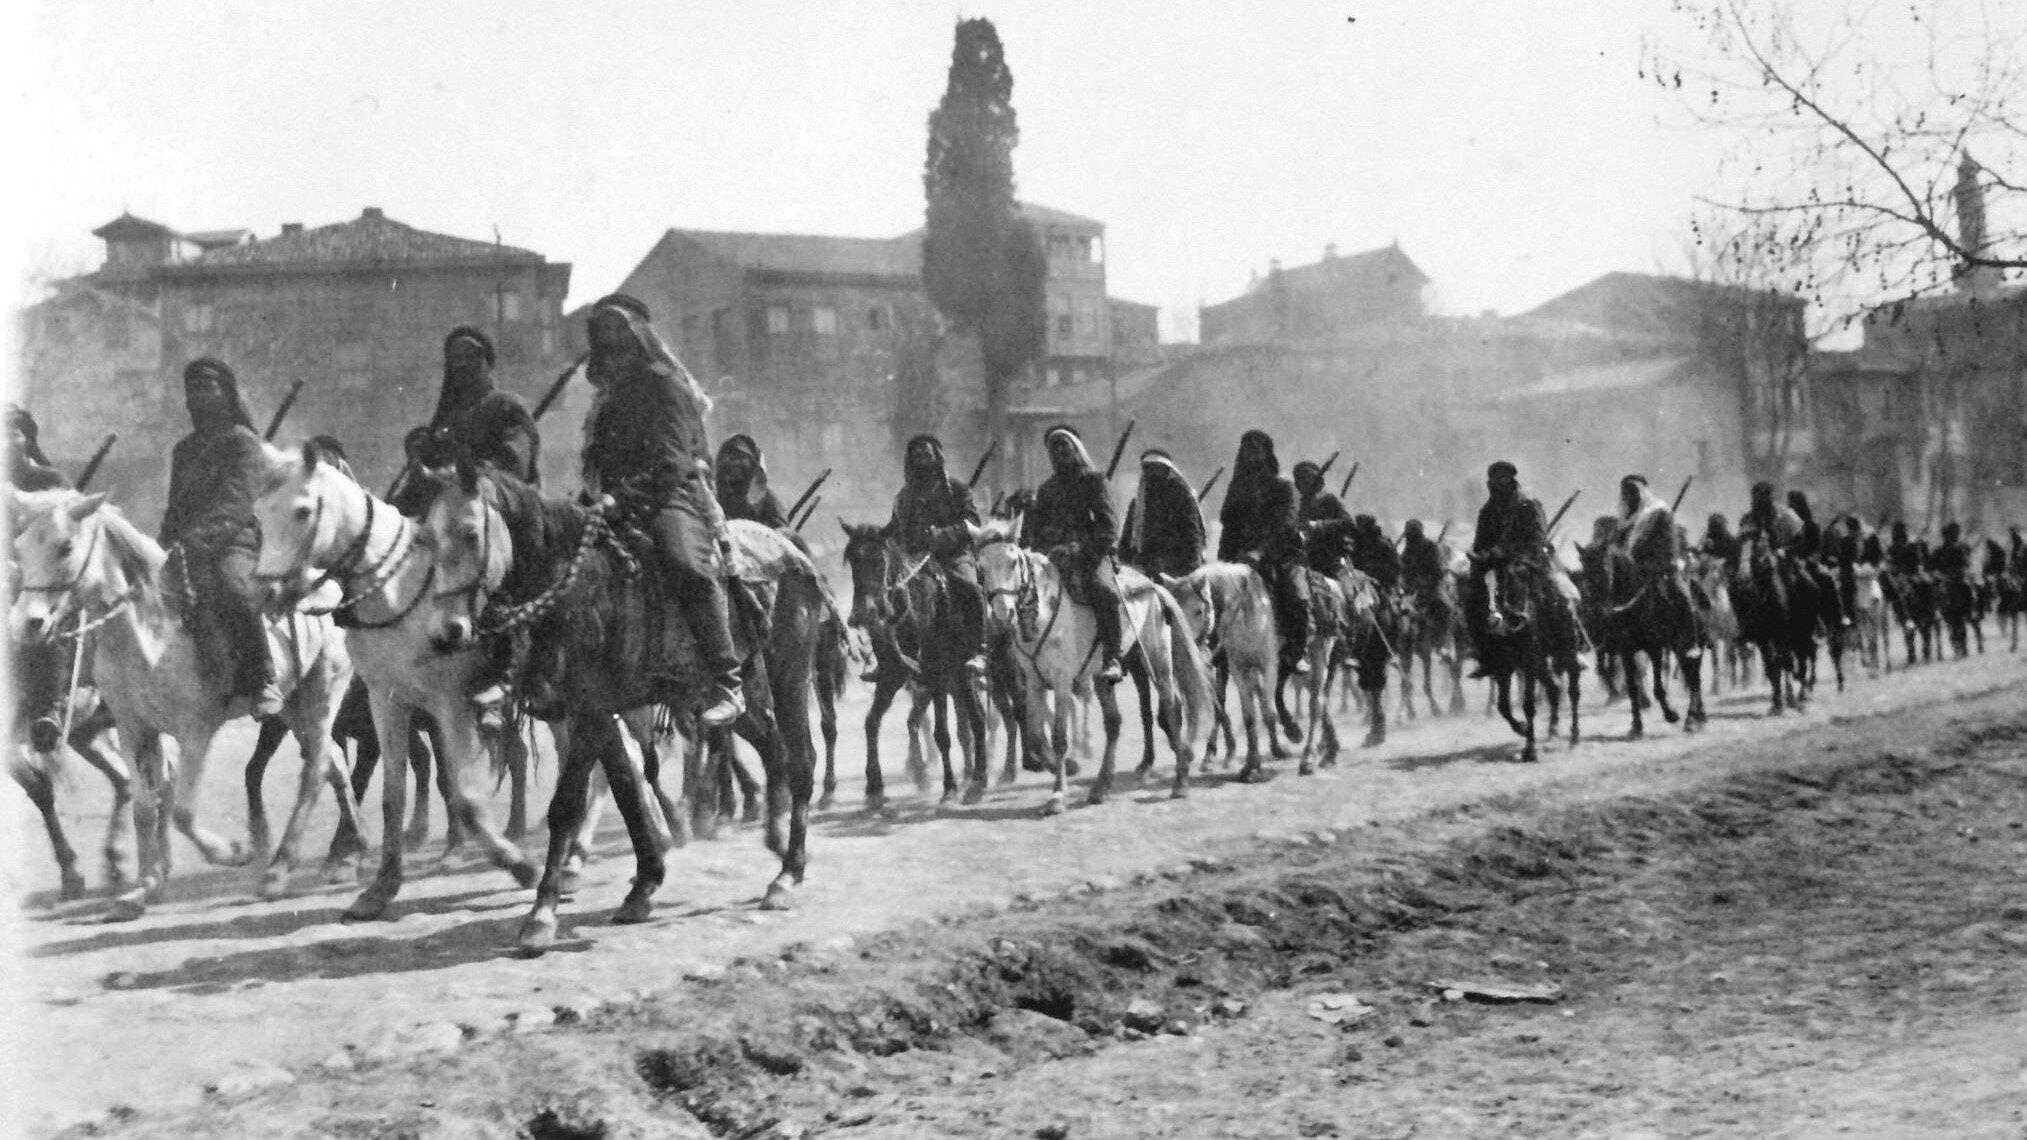 1912, Kürd Süvari Birliği Çatalca'dan (İST) geçerken.